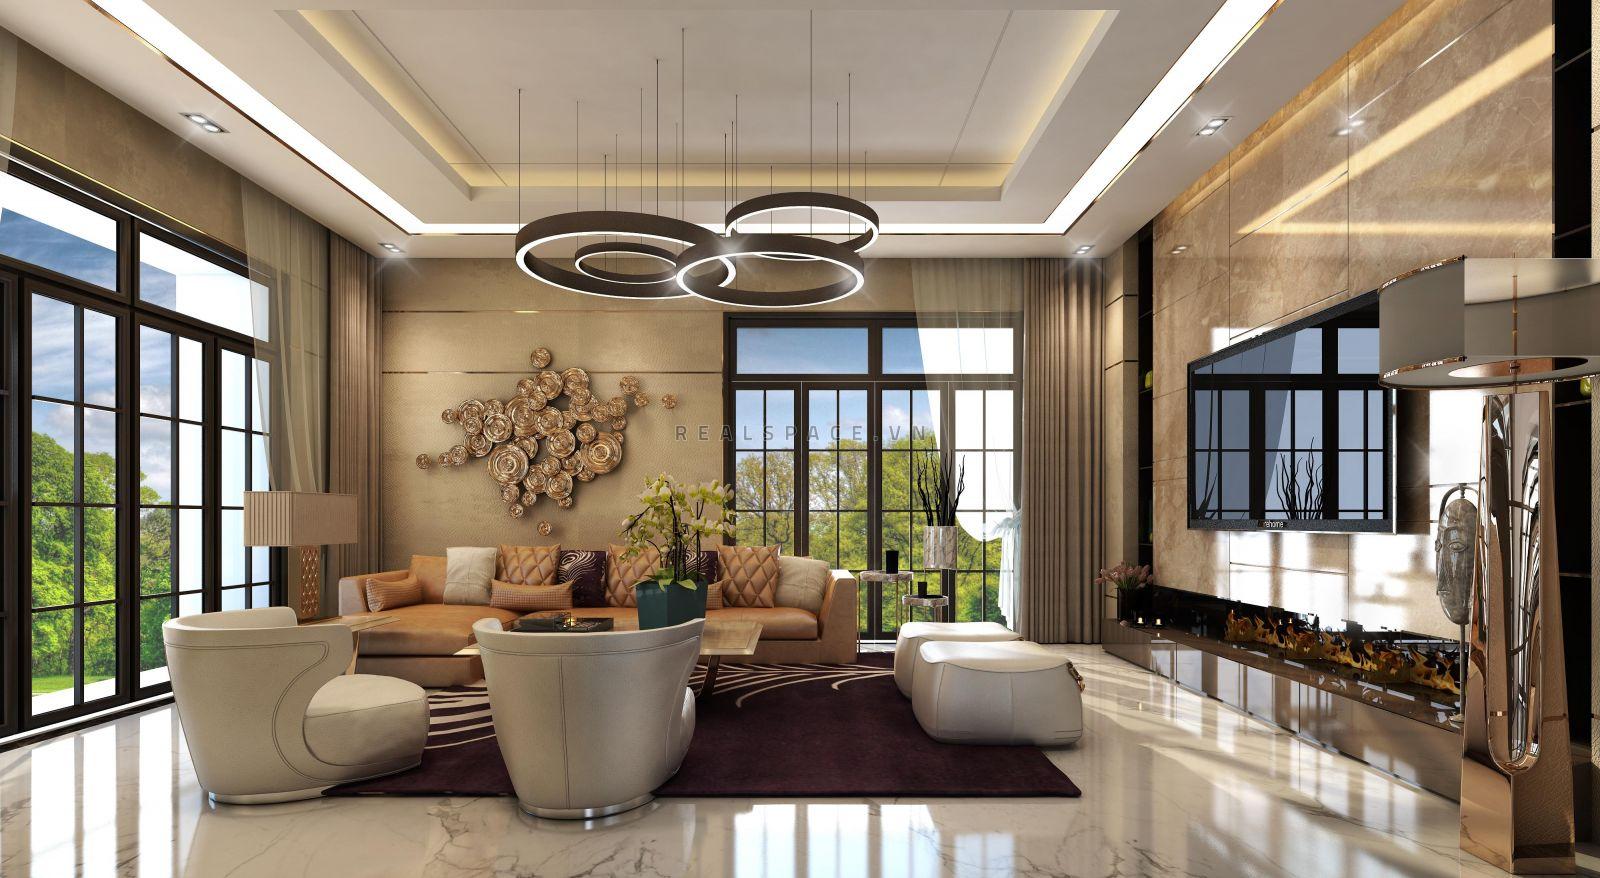 Thiết kế nội thất biệt thự Vườn Đào hiện đại